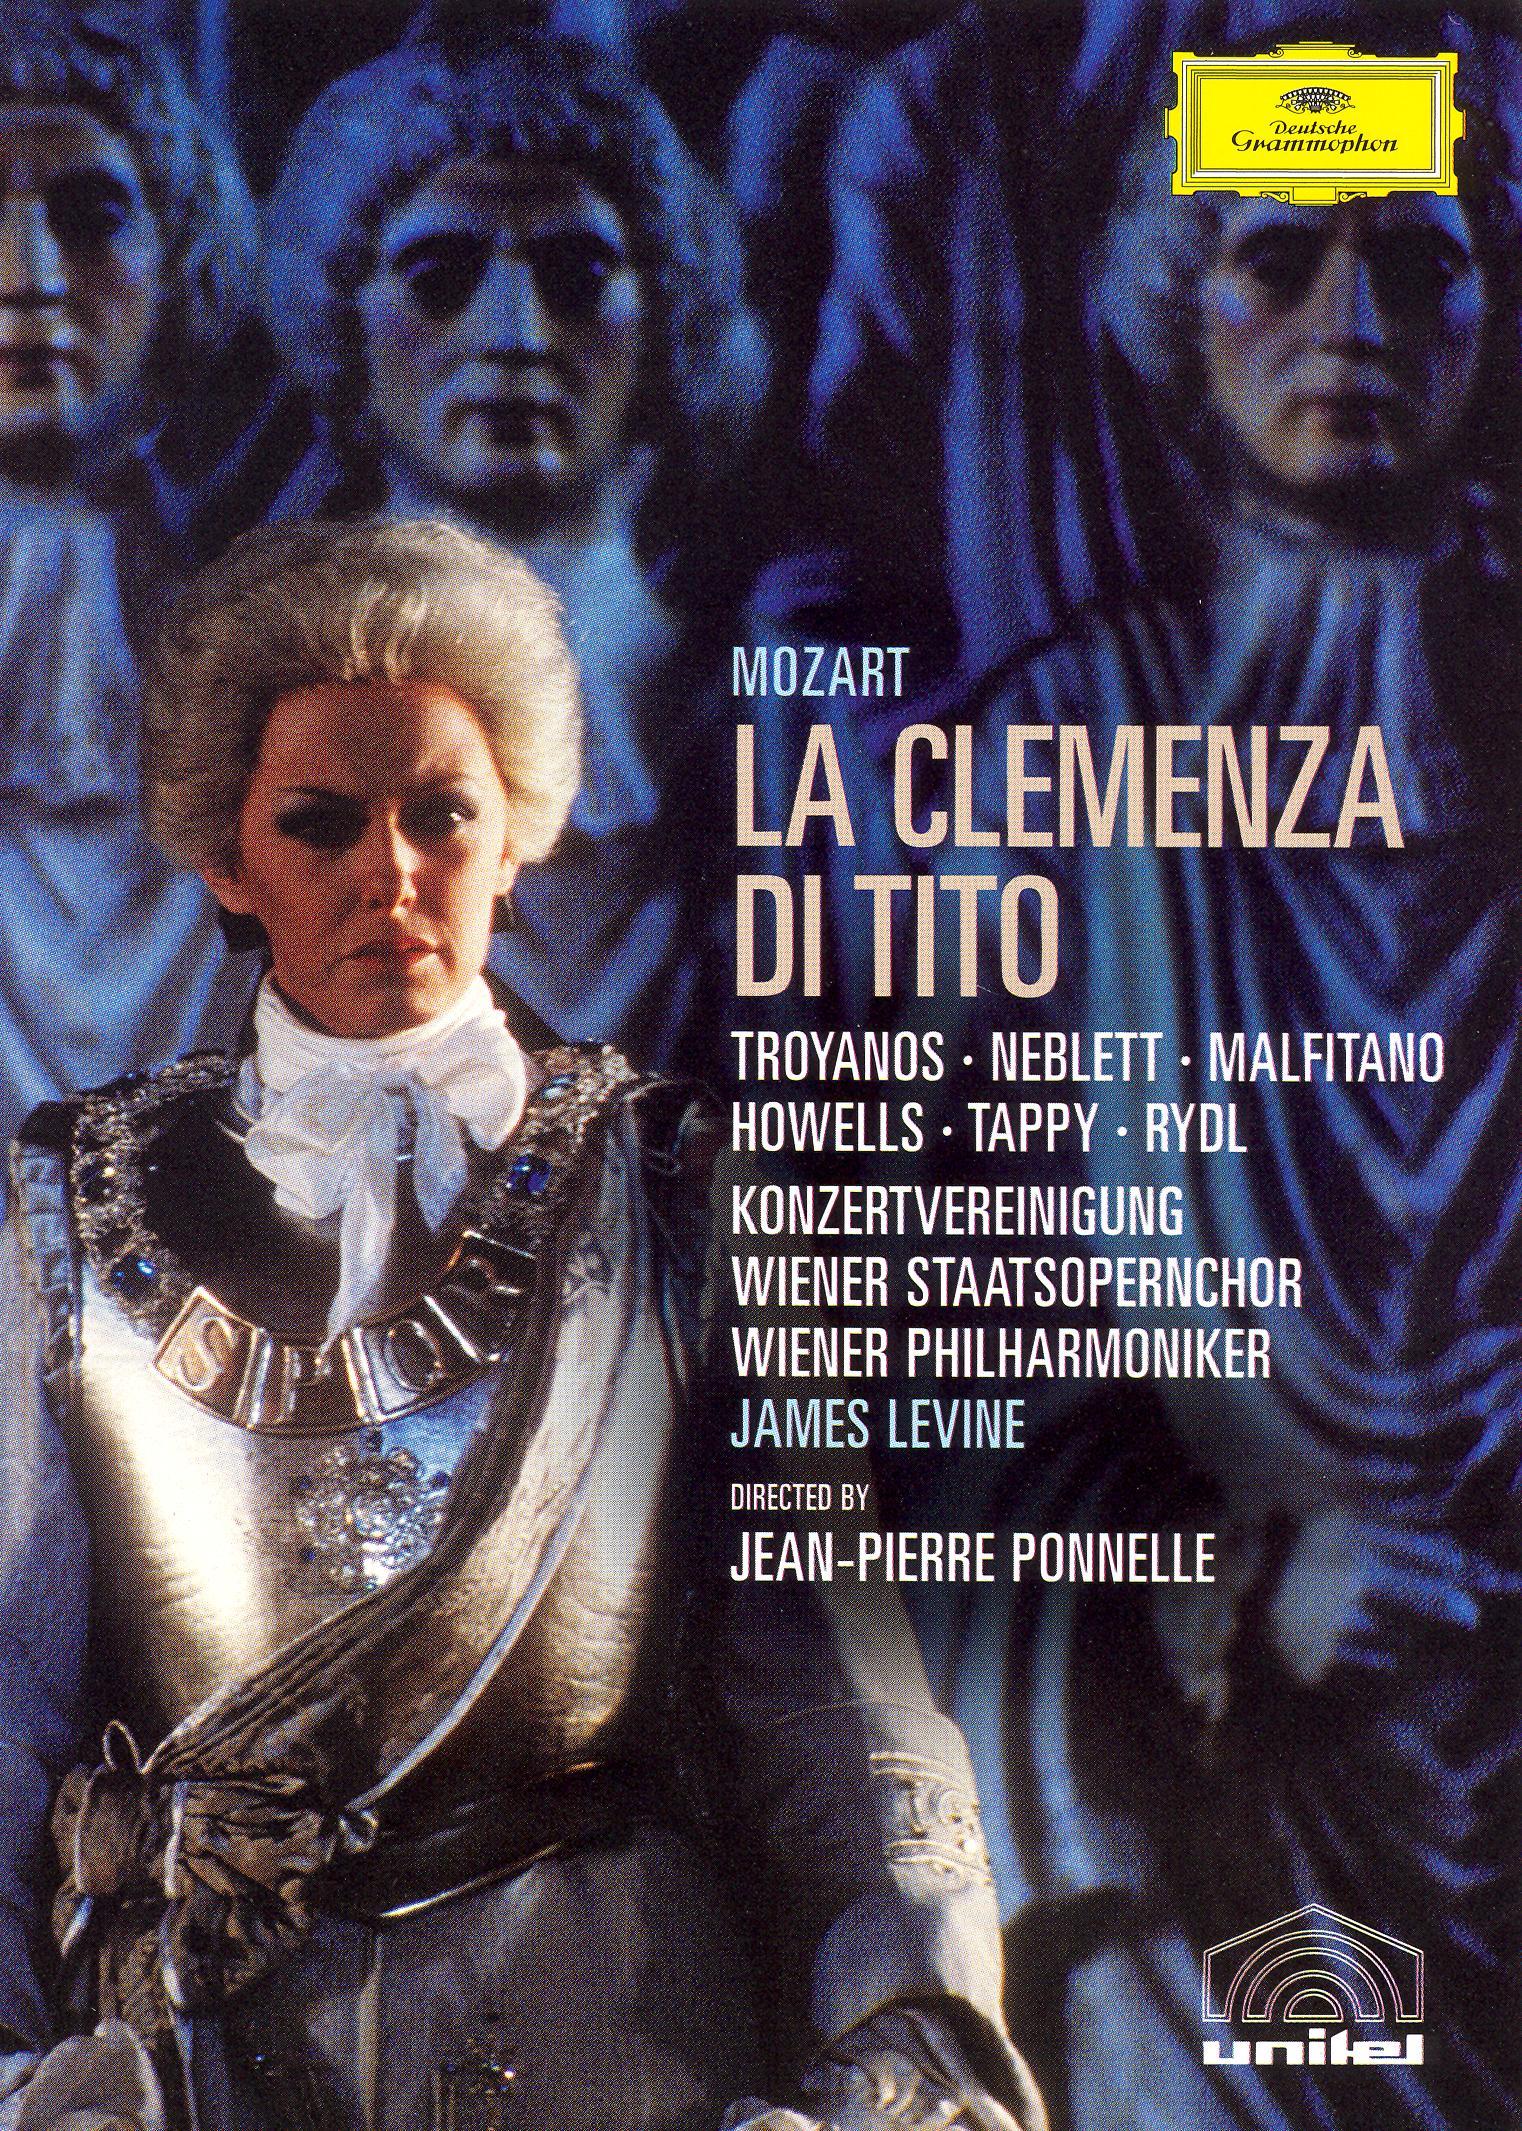 La Clemenza di Tito (Wiener Philharmoniker)